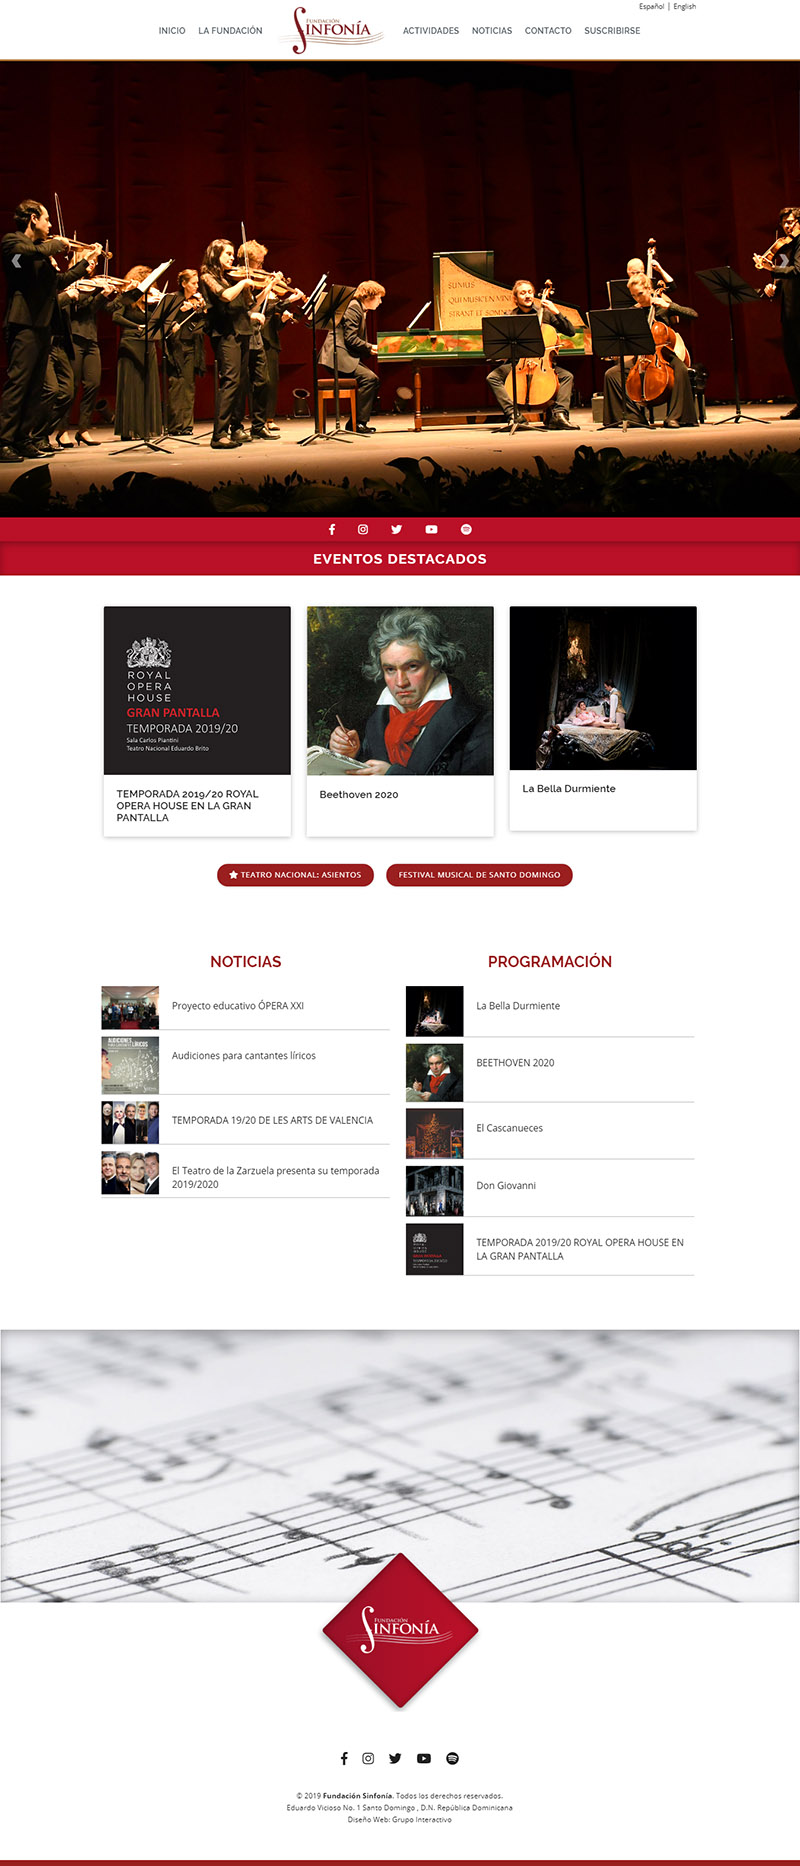 Diseño de website Fundación Sinfonía